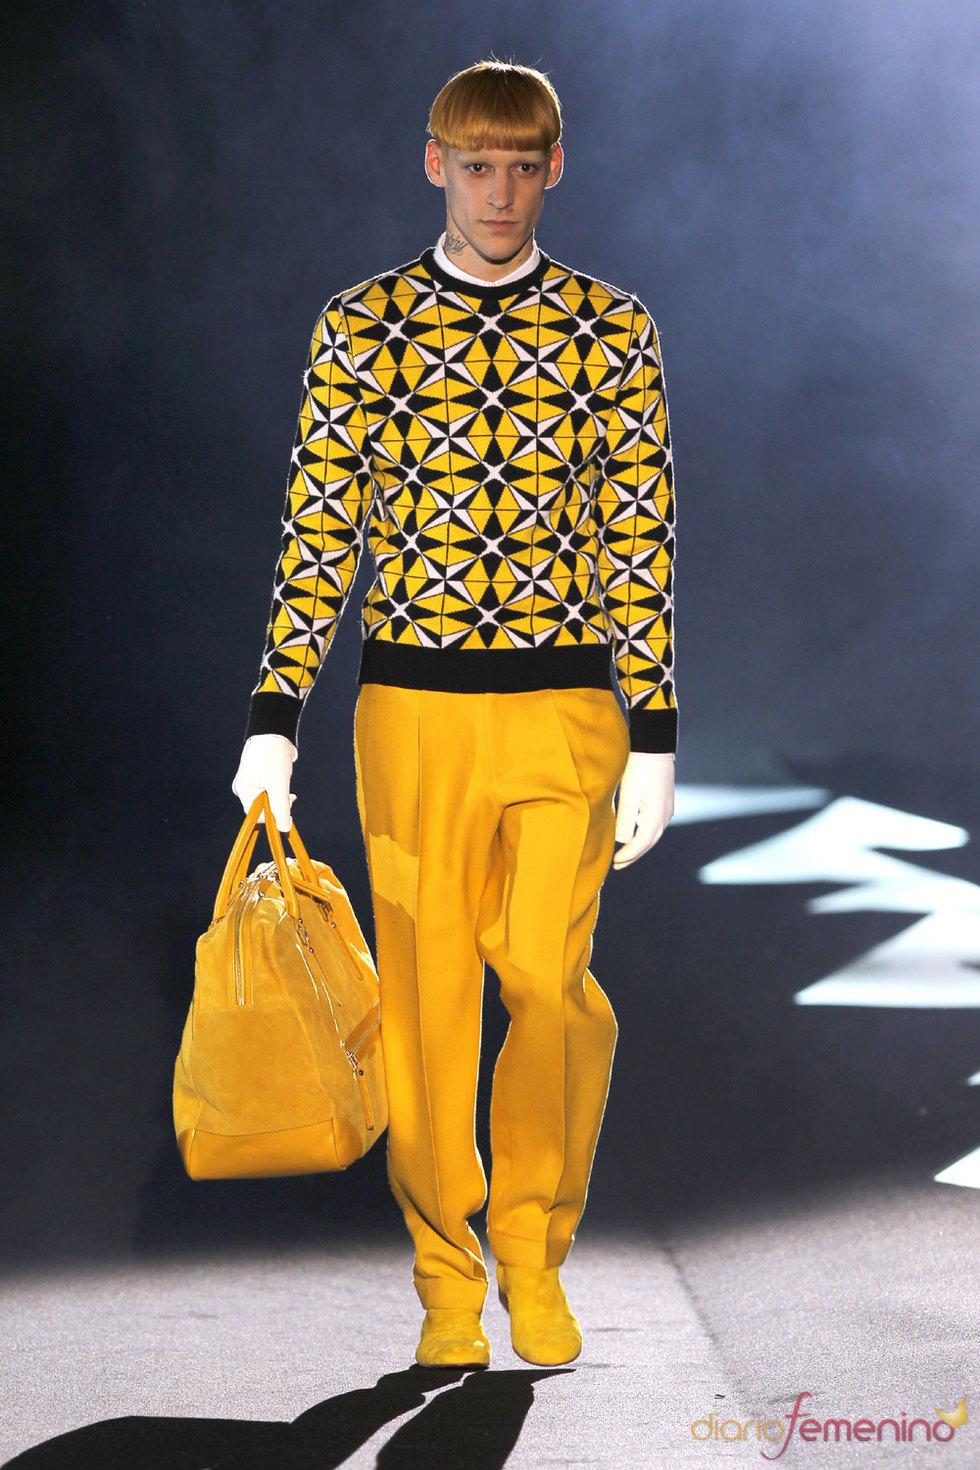 Moda Hombre 2010-2011 - Davidelfin en Cibeles Madrid Fashion Week